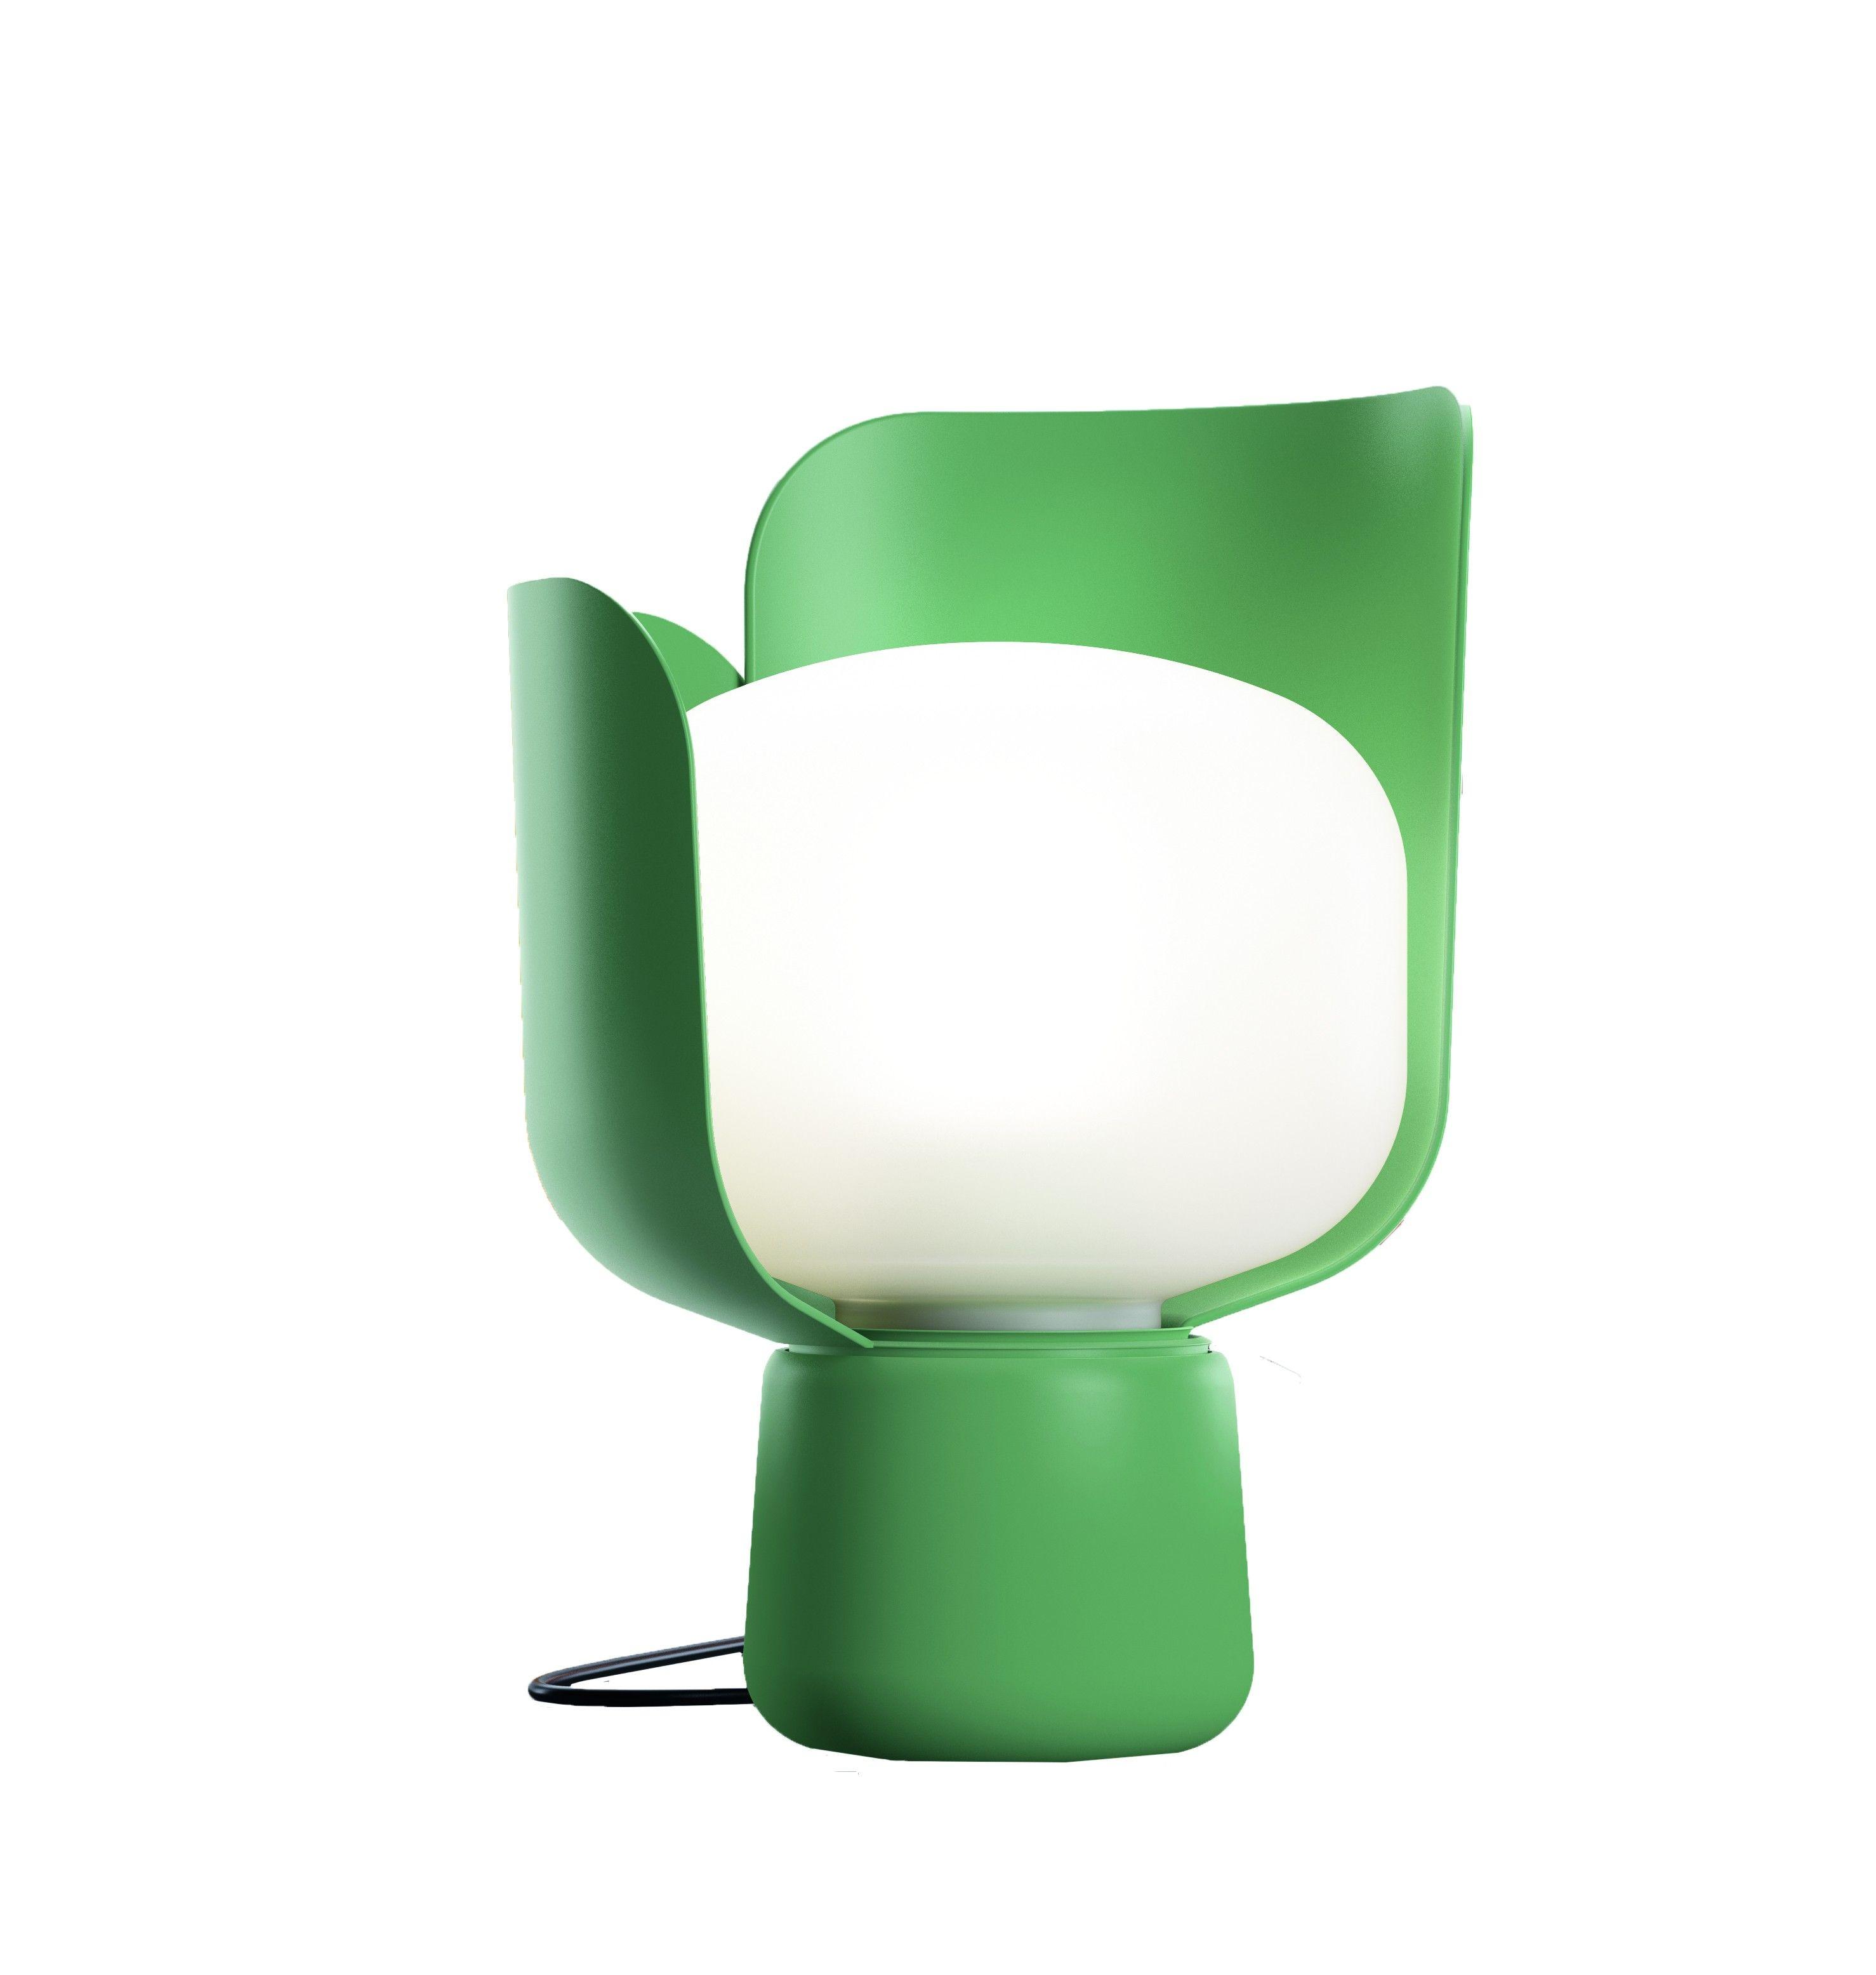 Jetzt Bei Desigano Com Blom Tischleuchte Set 2 Stk Leuchten Tischleuchten Von Fontanaarte Ab Euro 267 00 Tisch Lampentisch Tischleuchte Kleine Tischlampe